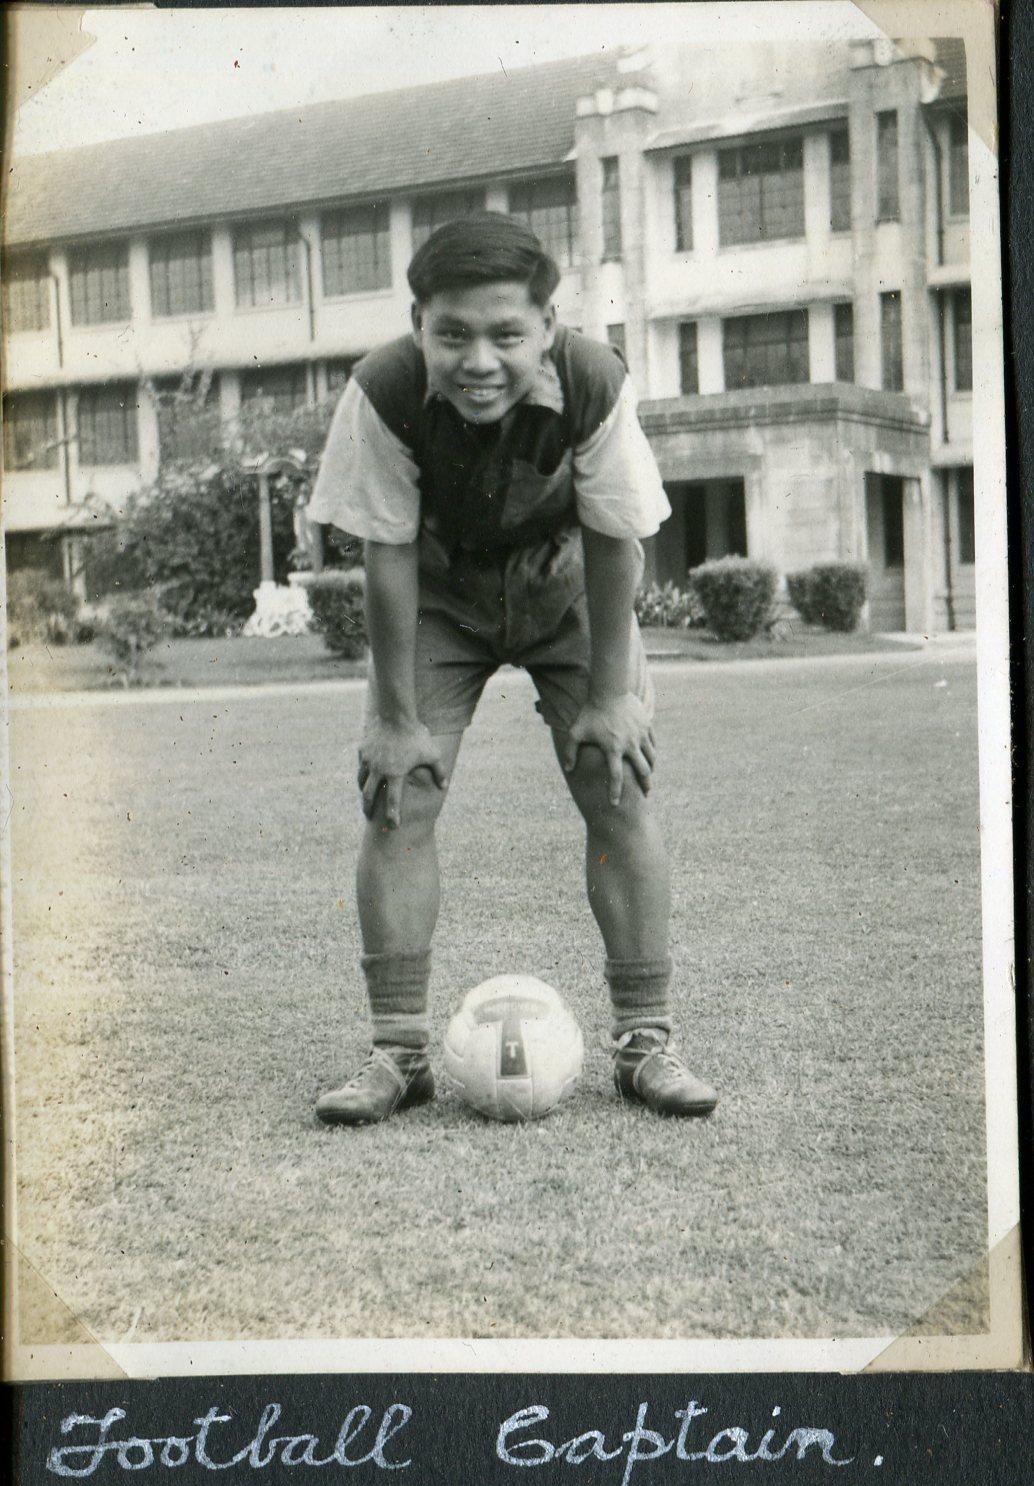 1955 -Football Captain011